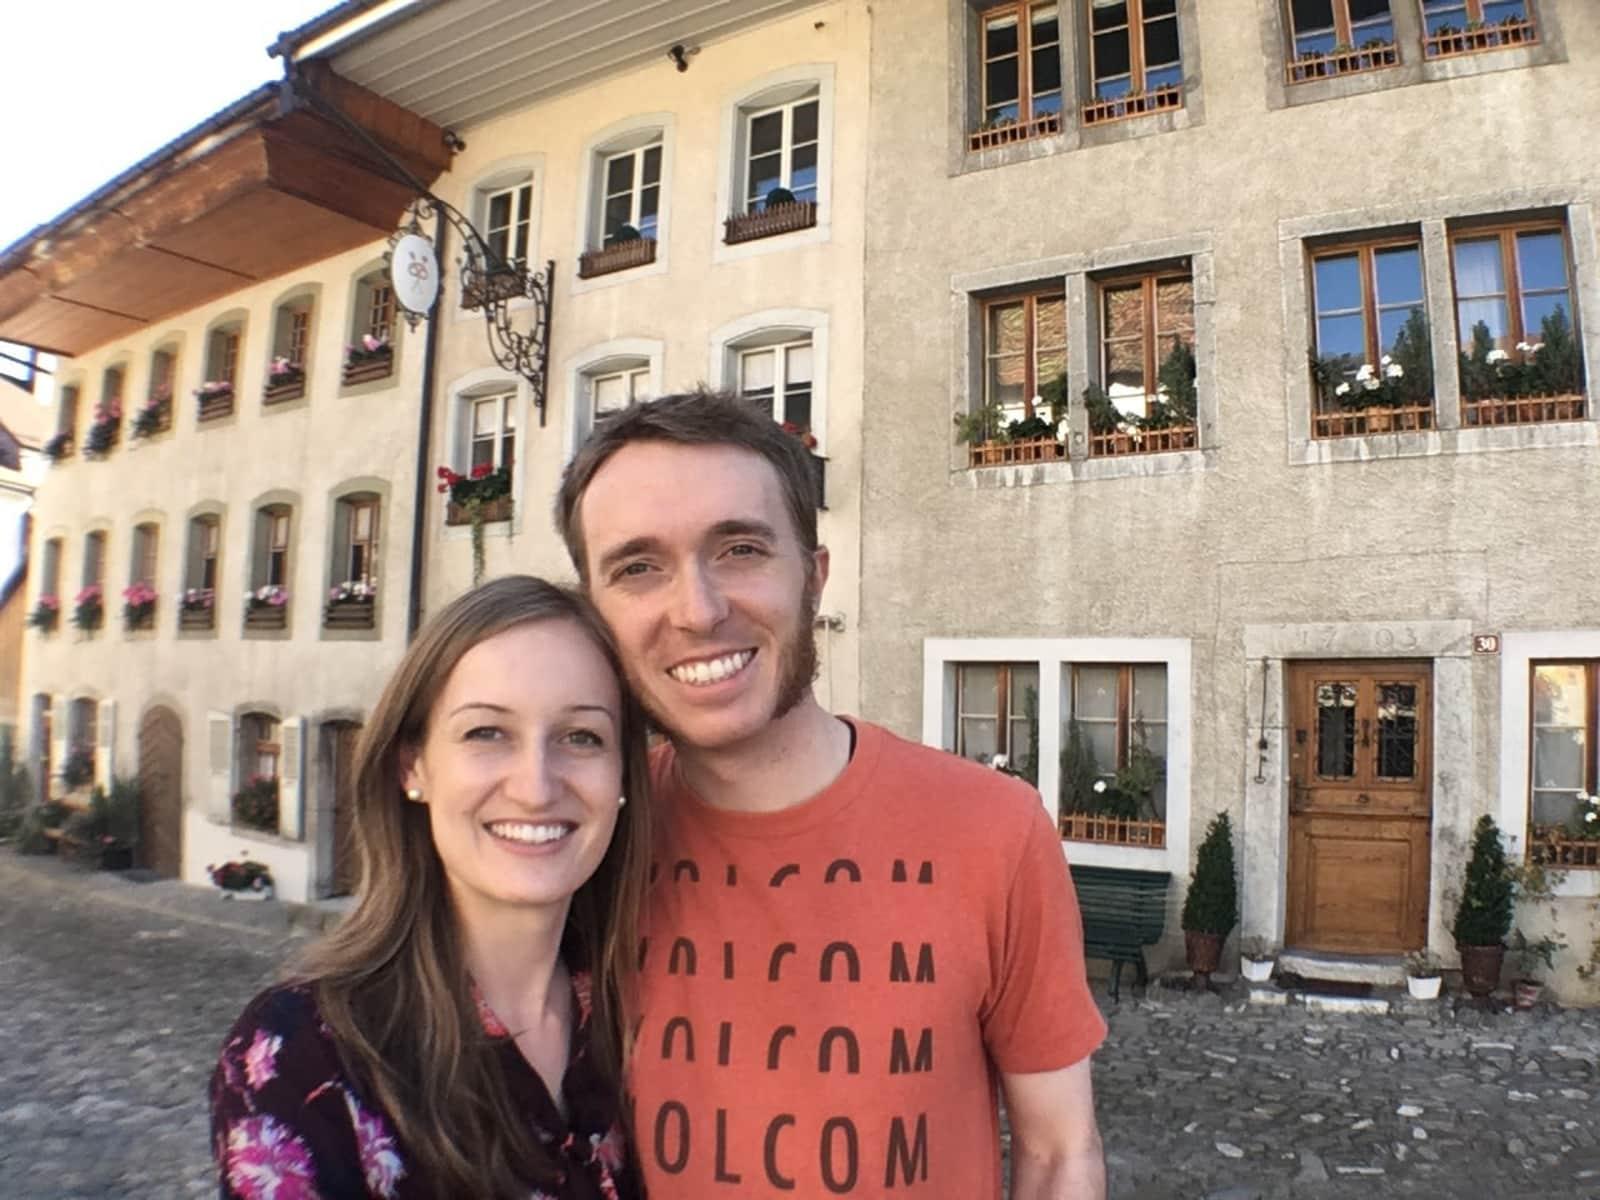 Sylvia & eric & Eric from Seattle, Washington, United States